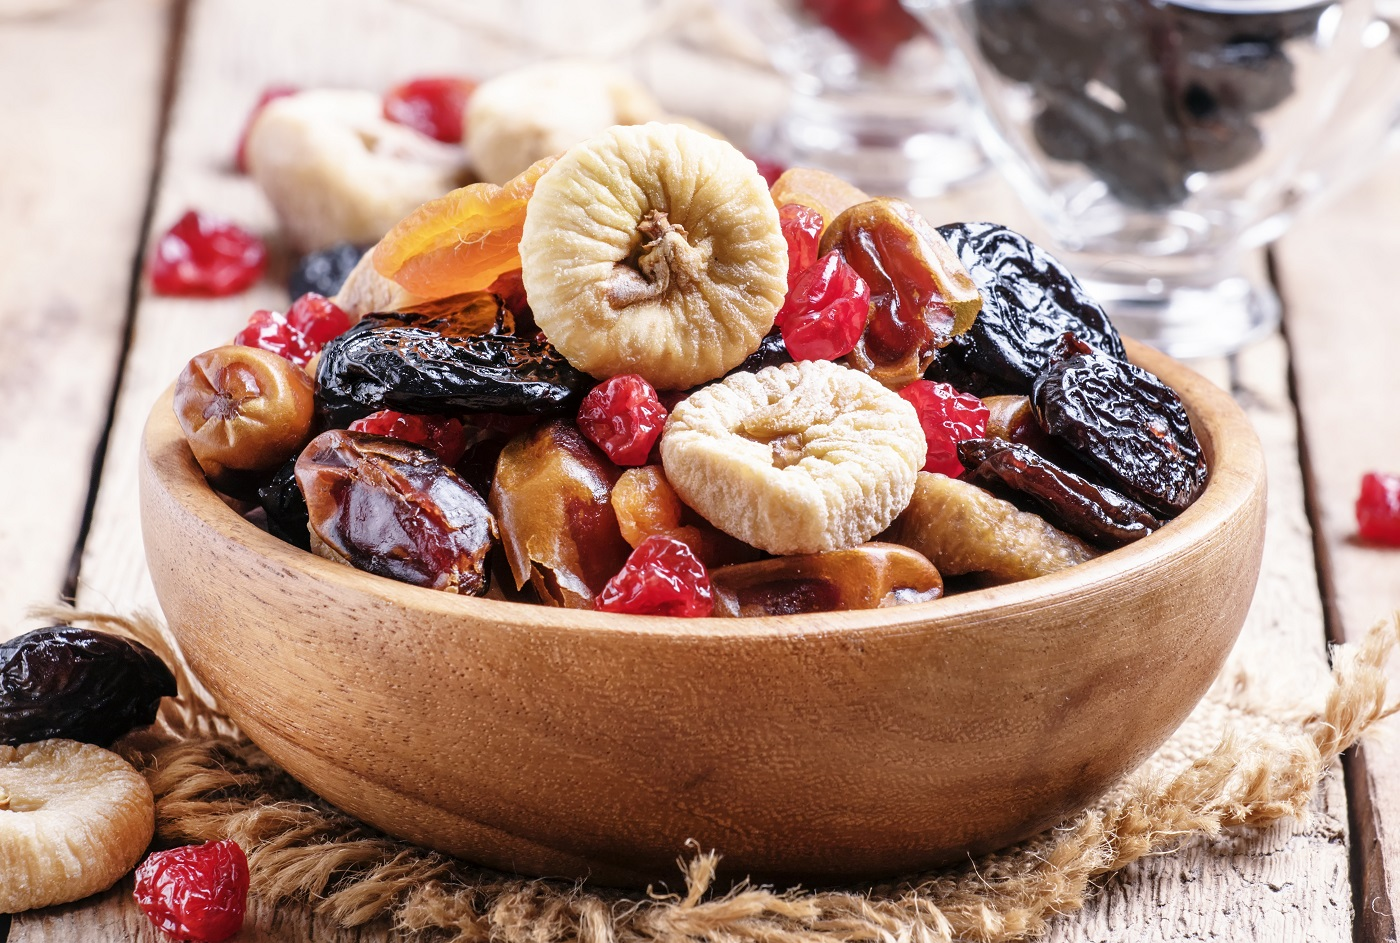 Nên mua trái cây sấy khô ở đâu ngon và an toàn?